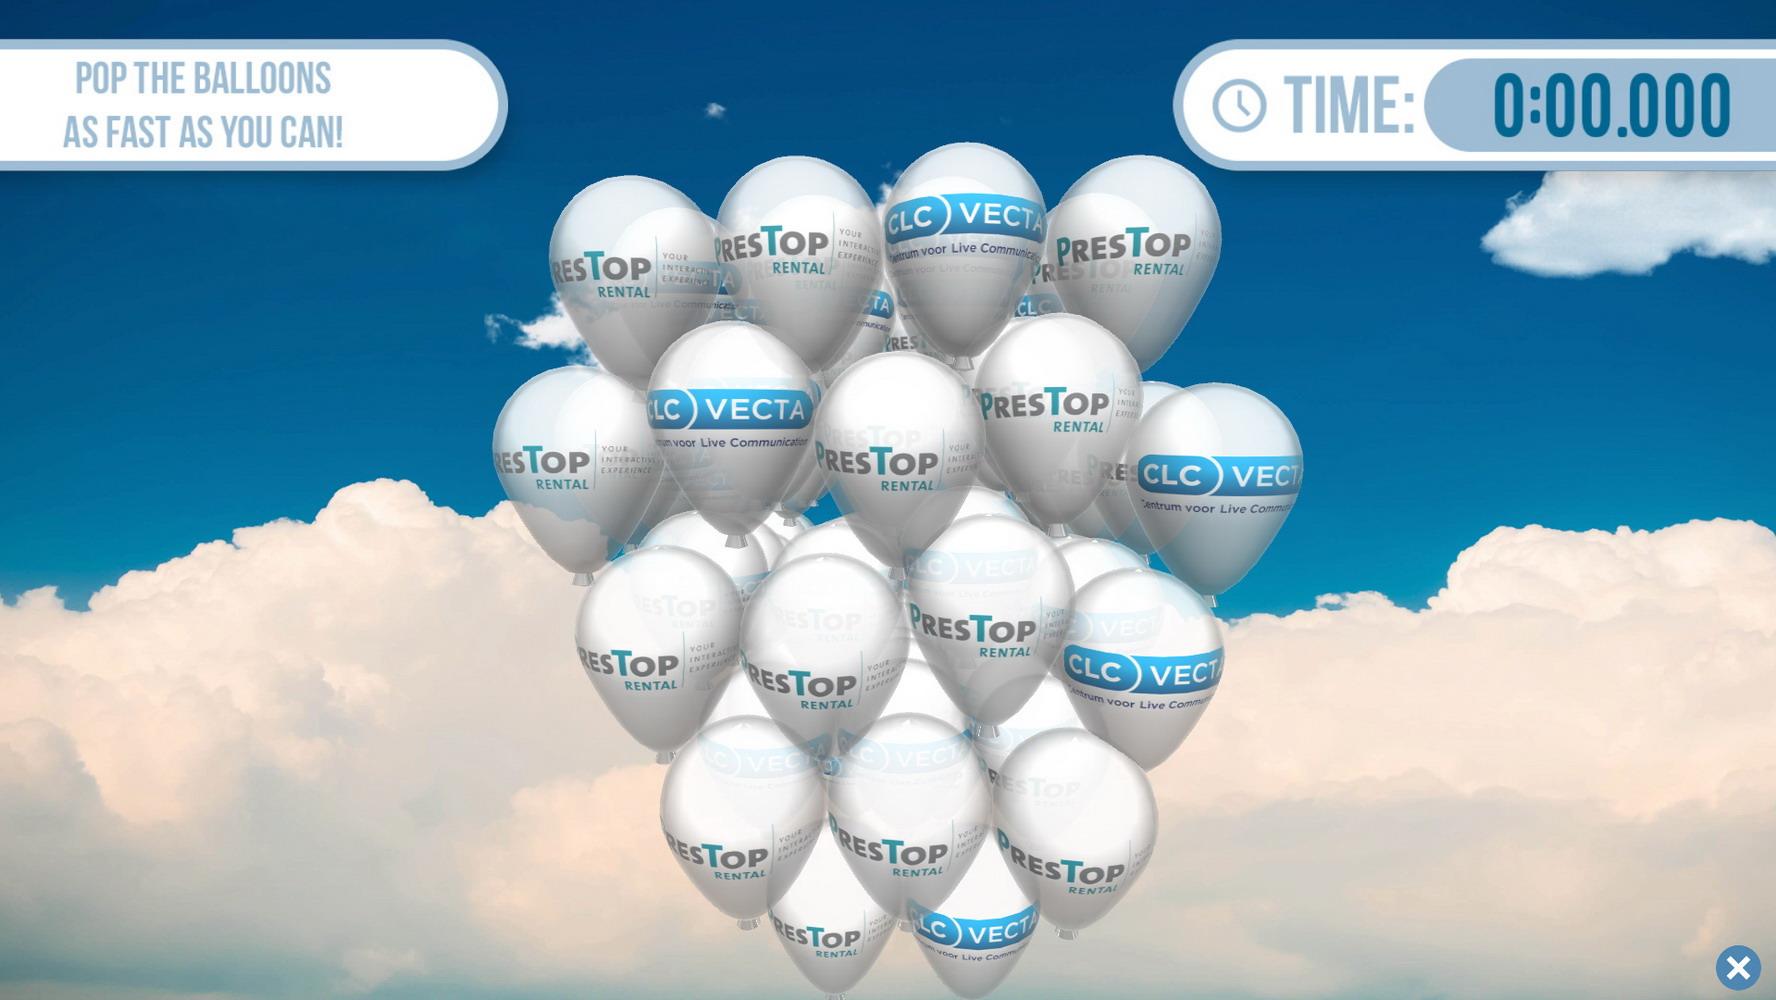 SpecialSolution_Balloongame_CLC Vecta (3)